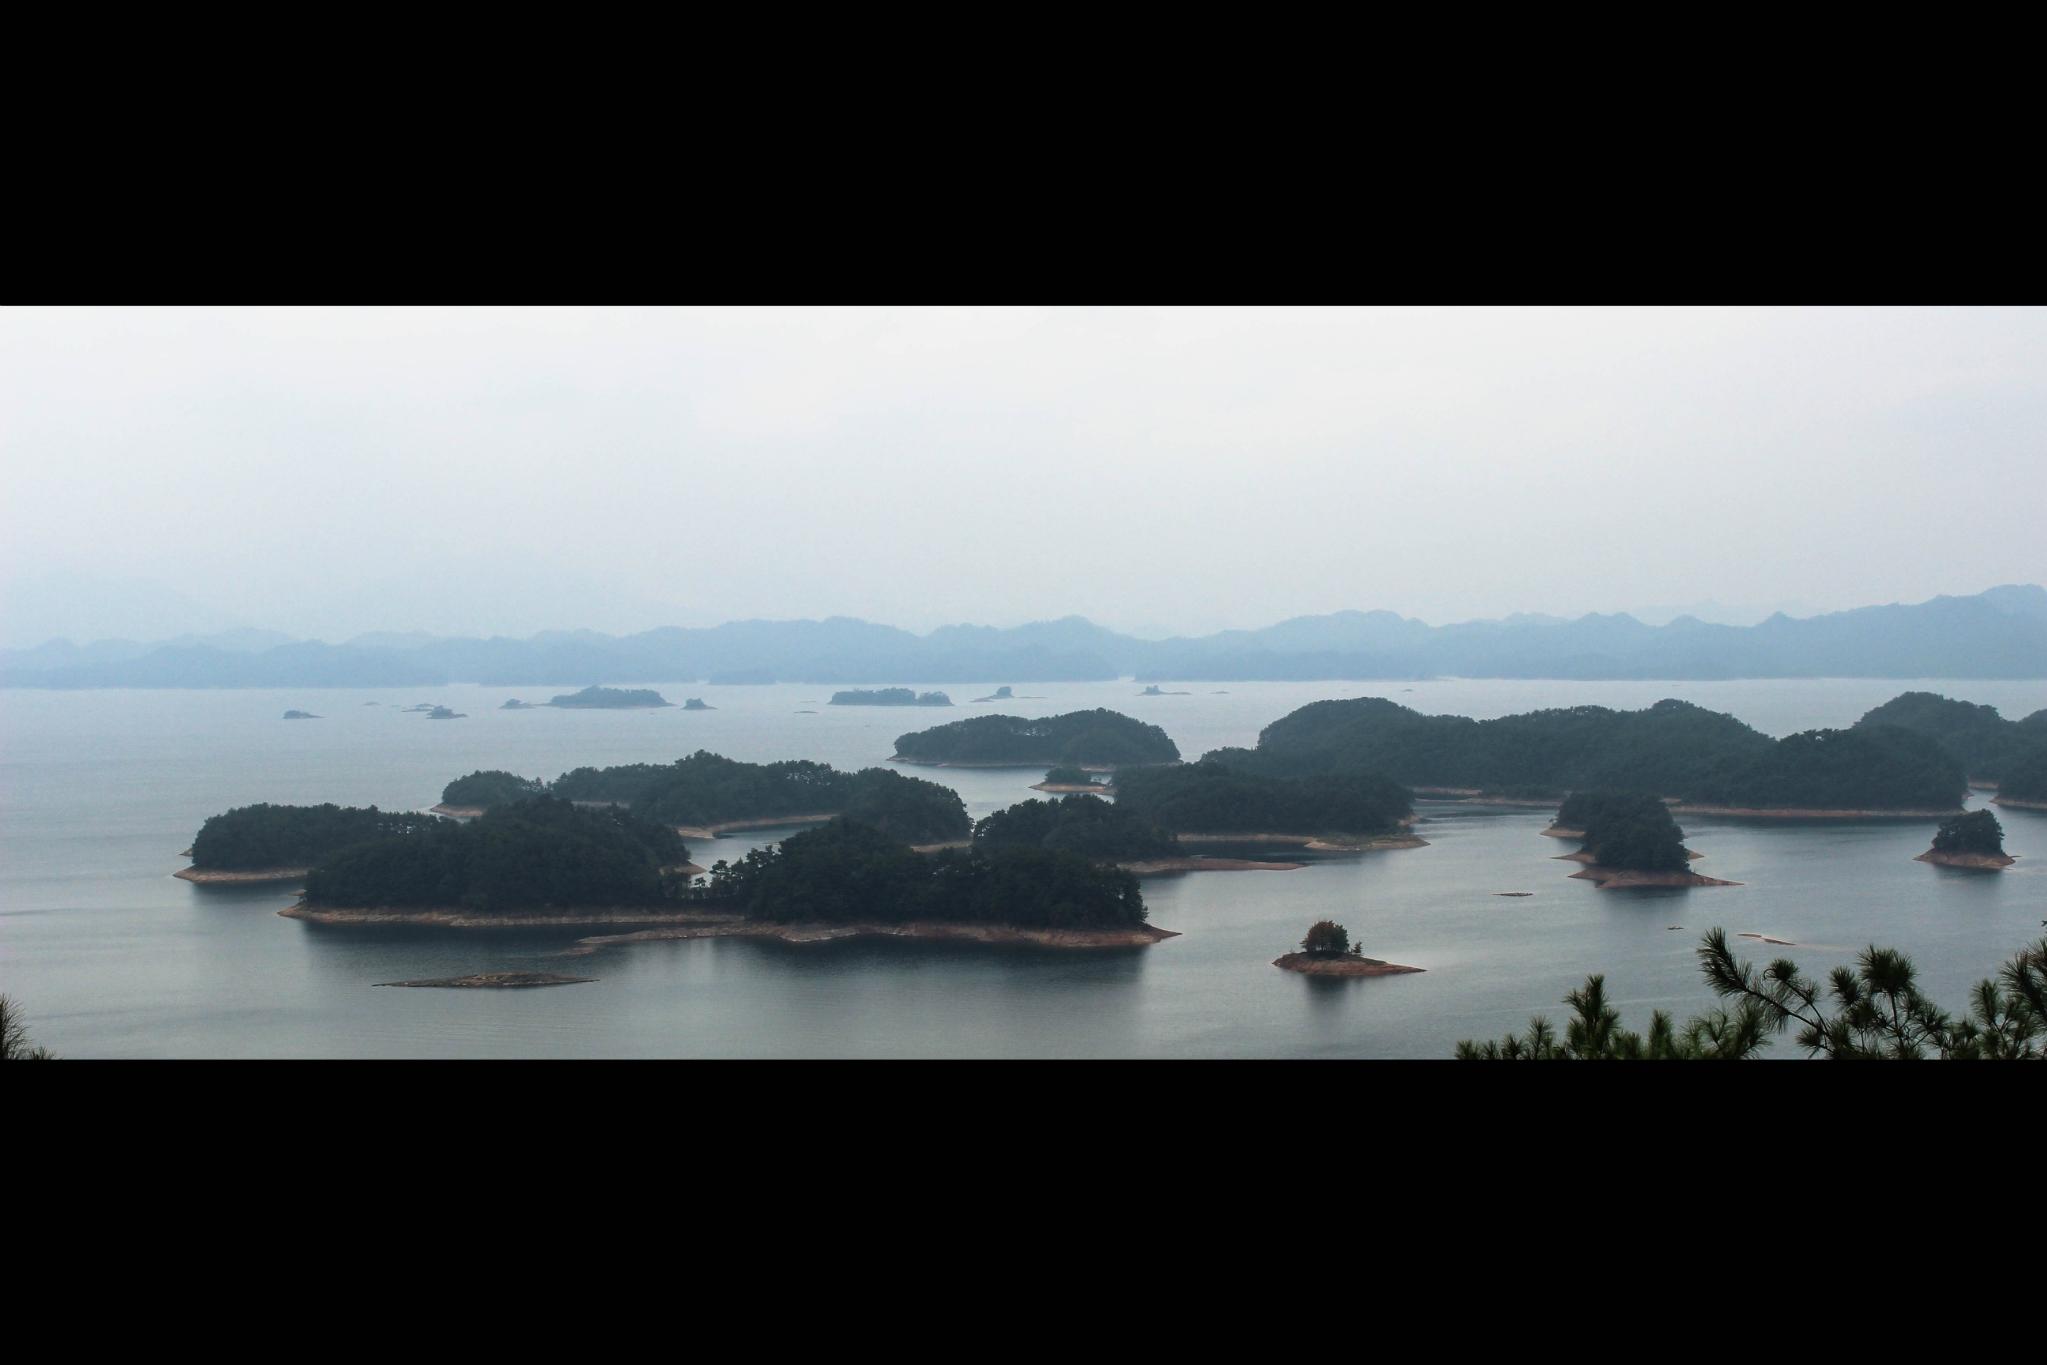 烟雨朦胧的千岛湖,小记两天一夜逃离城市的散心之游